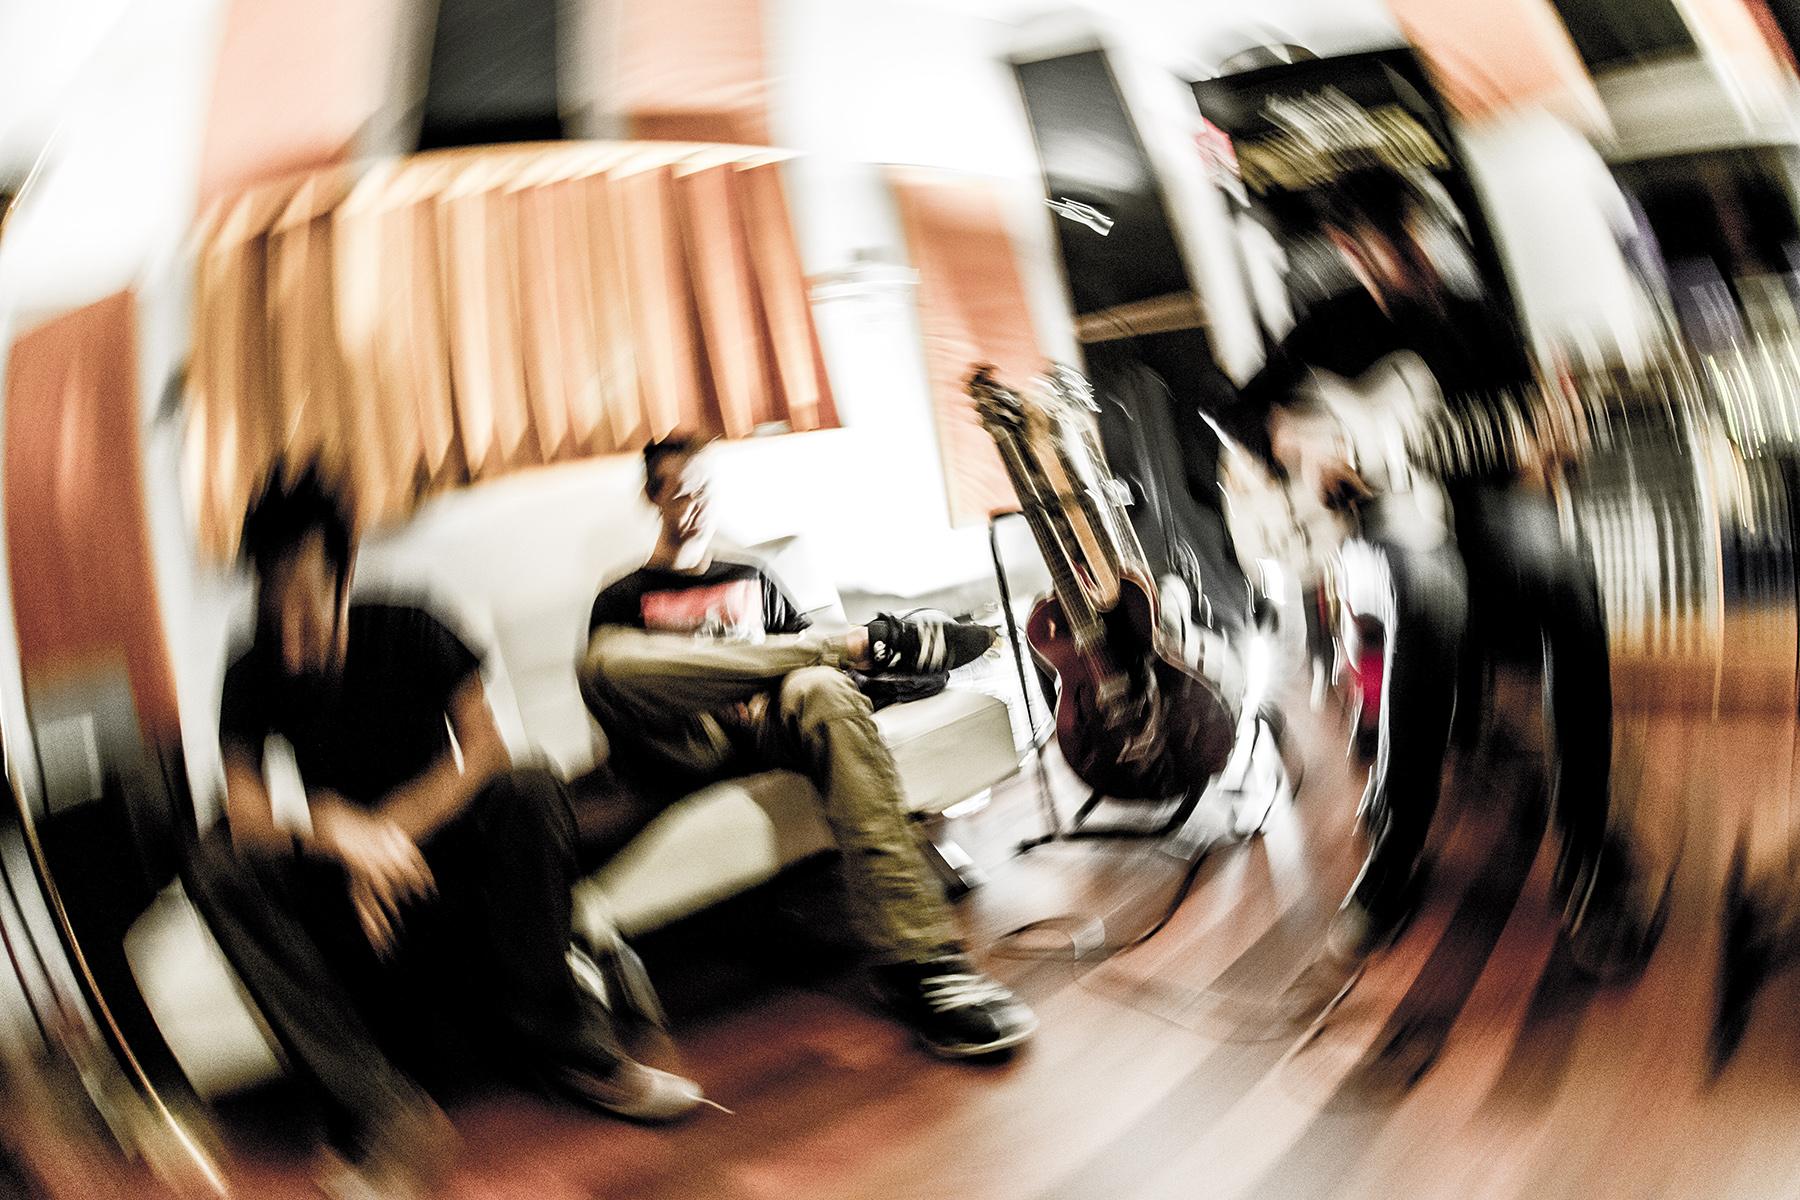 Smoking Soul's a l'estudi by Xepo WS